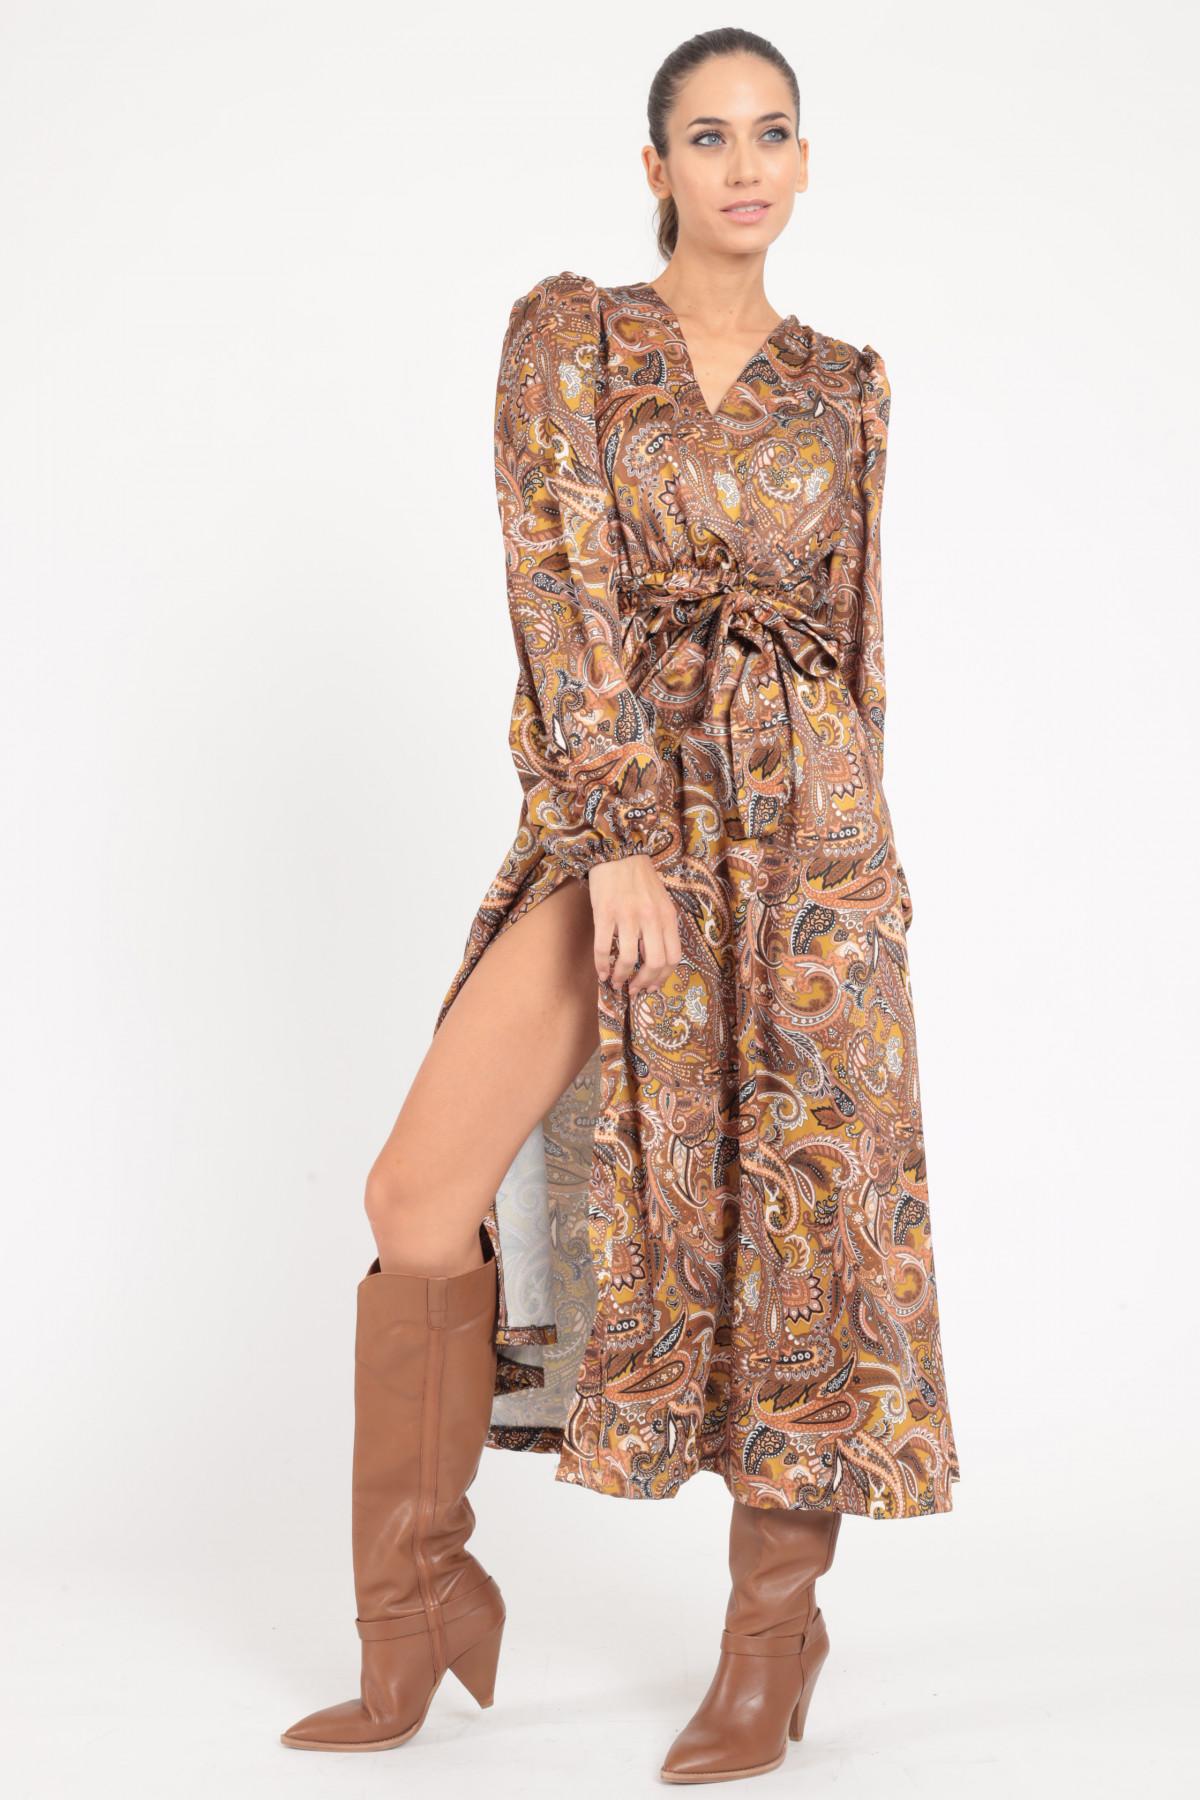 Long Sleeve Cross Neckline Dress with Matching Belt